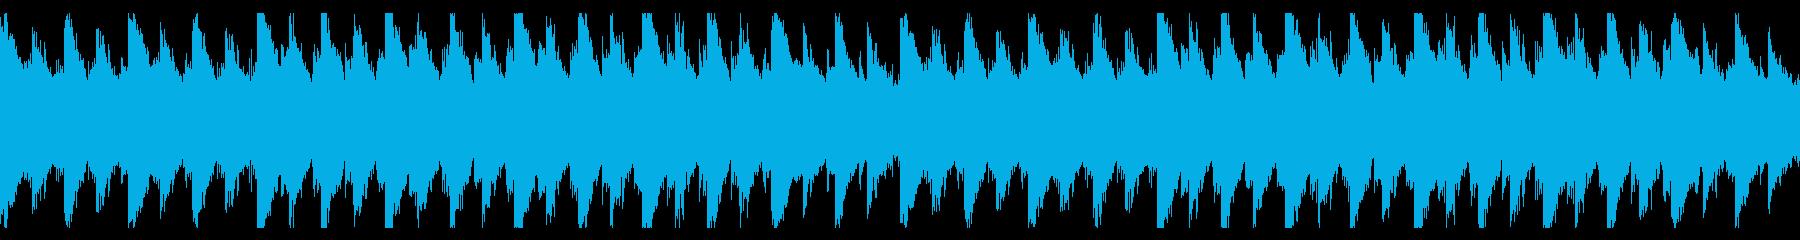 綺麗で神秘的な水のイメージ曲(ループ可)の再生済みの波形